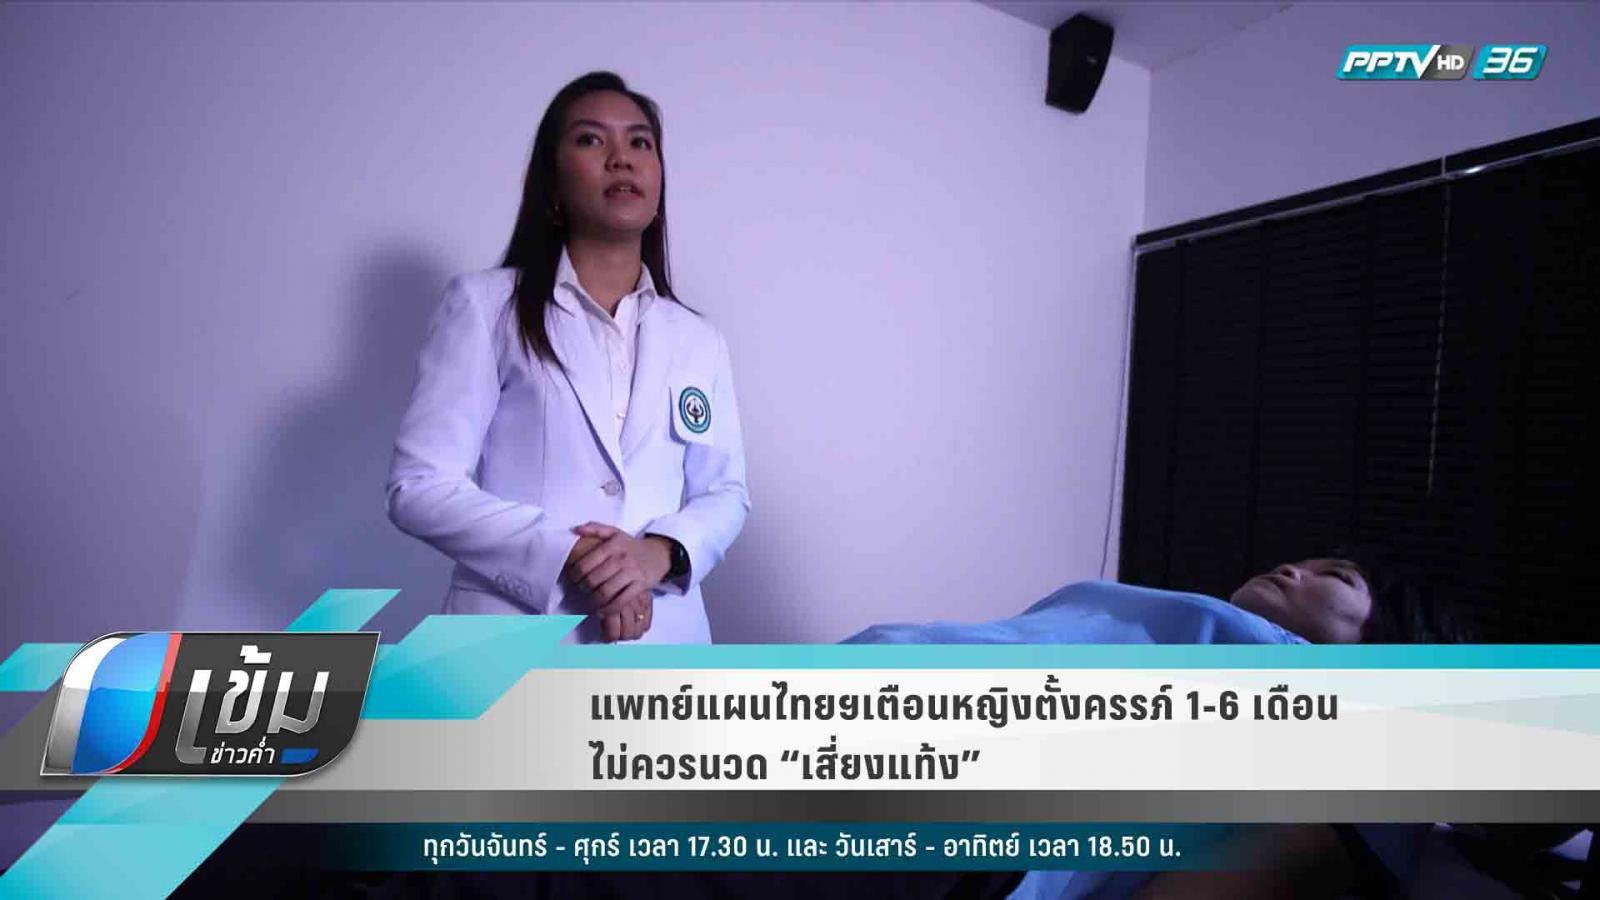 แพทย์แผนไทยฯเตือนหญิงตั้งครรภ์ 1-6 เดือนไม่ควรนวดเสี่ยงแท้ง